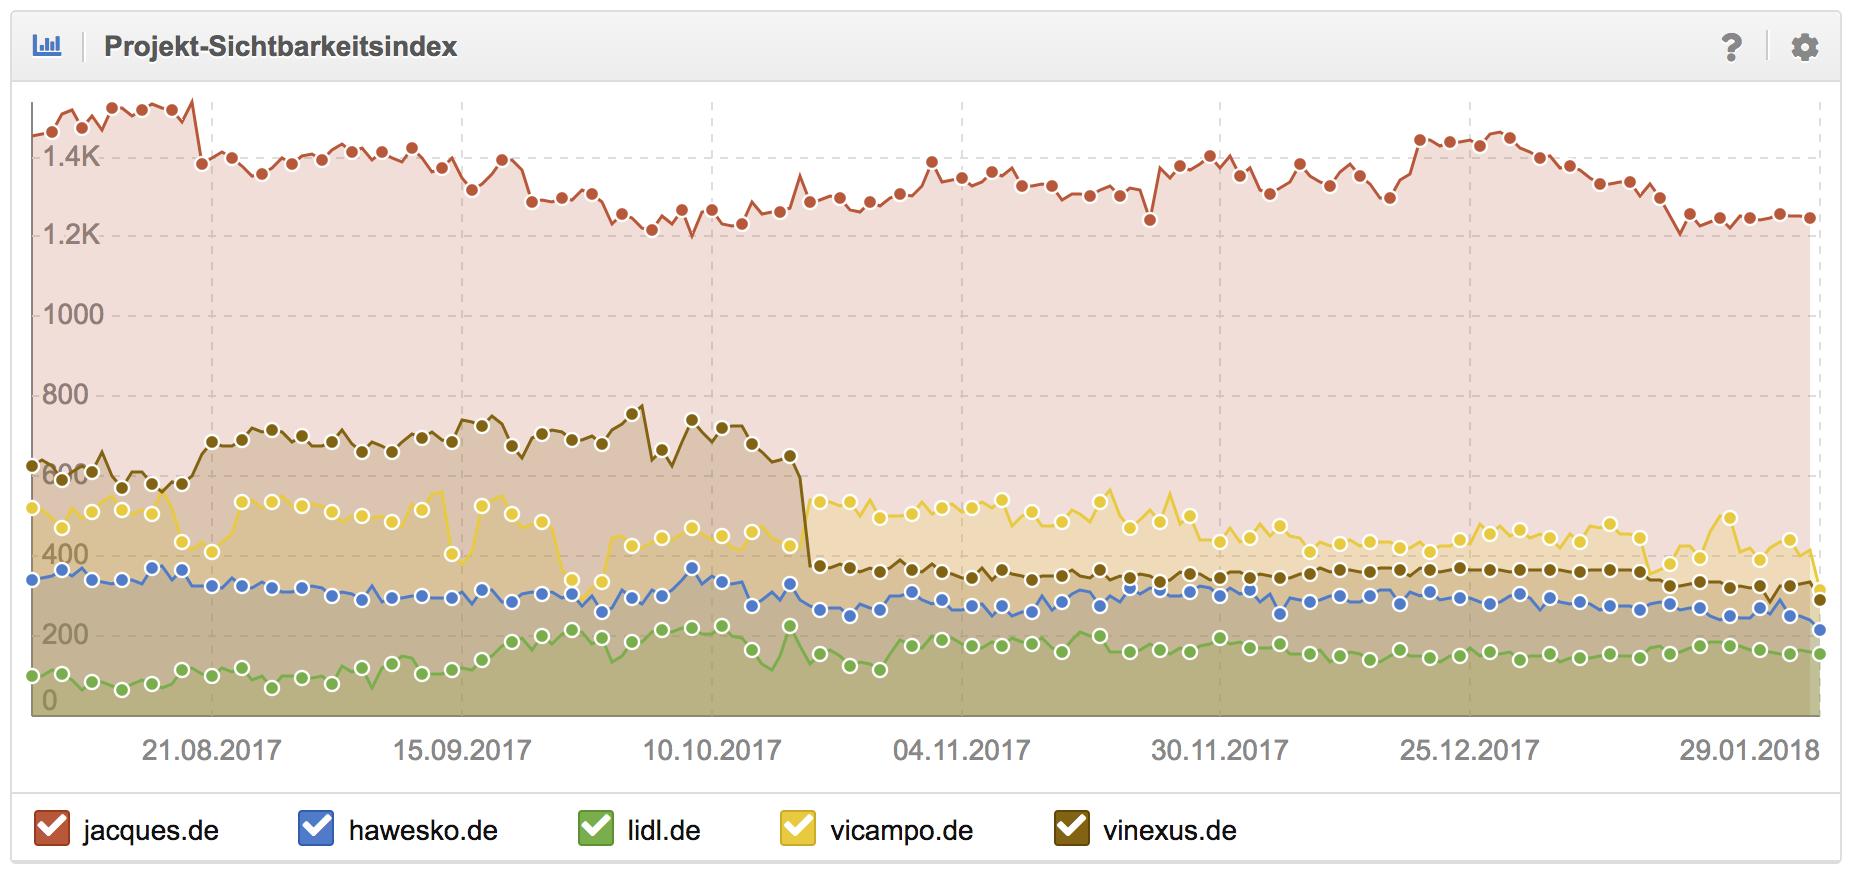 Eigener Projektsichtbarkeitsindex für Deine Domain und den Wettbewerbern